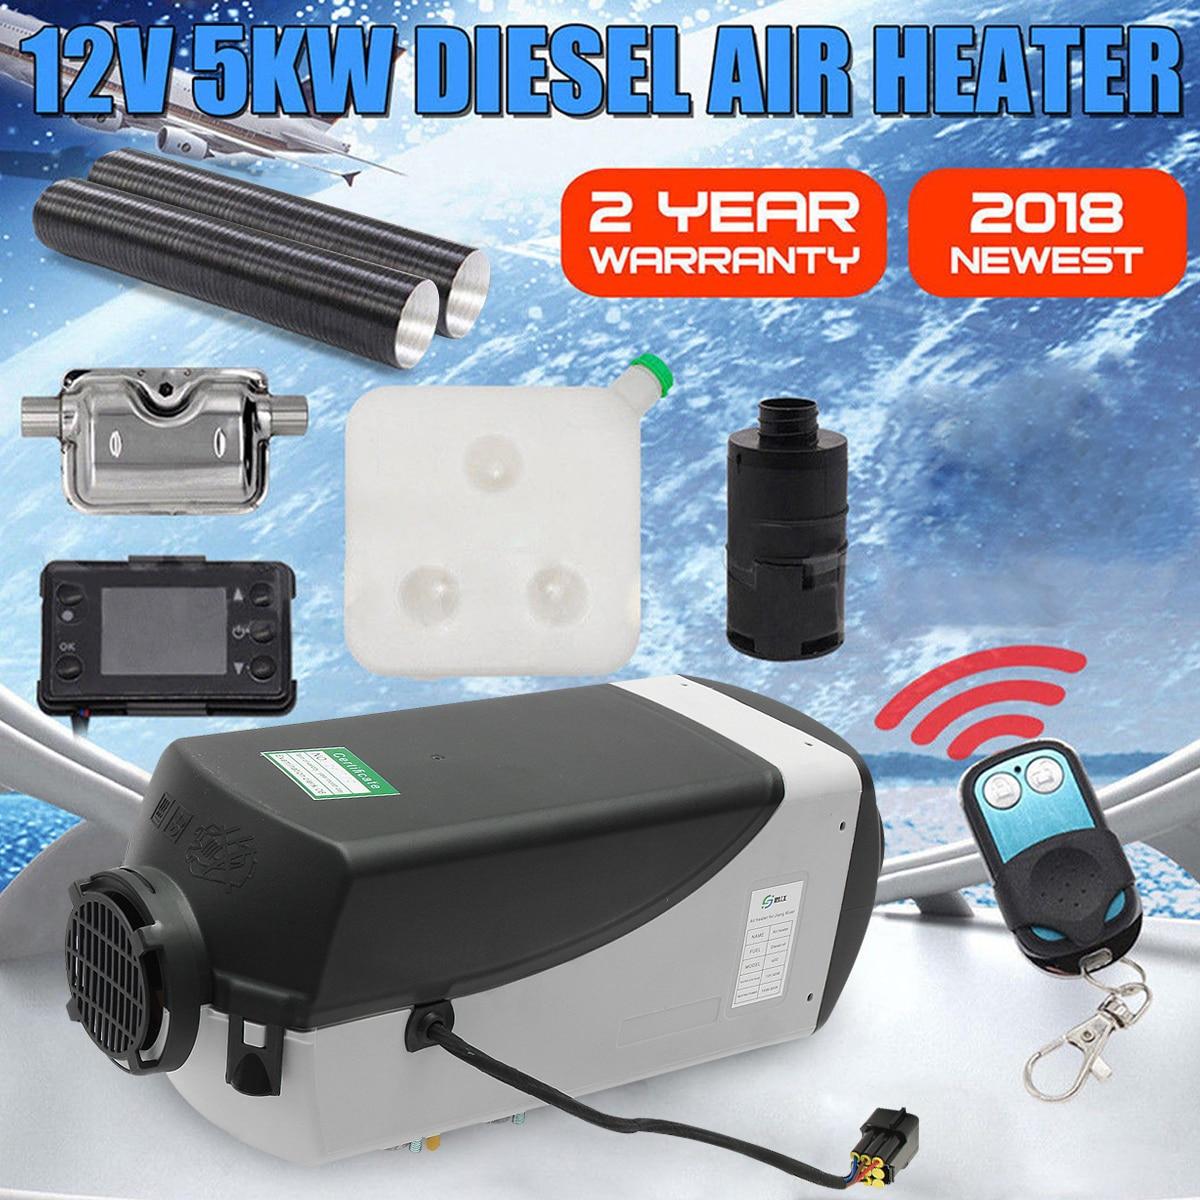 12V 5000W LCD moniteur Air diesels réchauffeur de carburant unique trou 5KW pour bateaux Bus voiture chauffage avec télécommande et silencieux gratuitement - 2